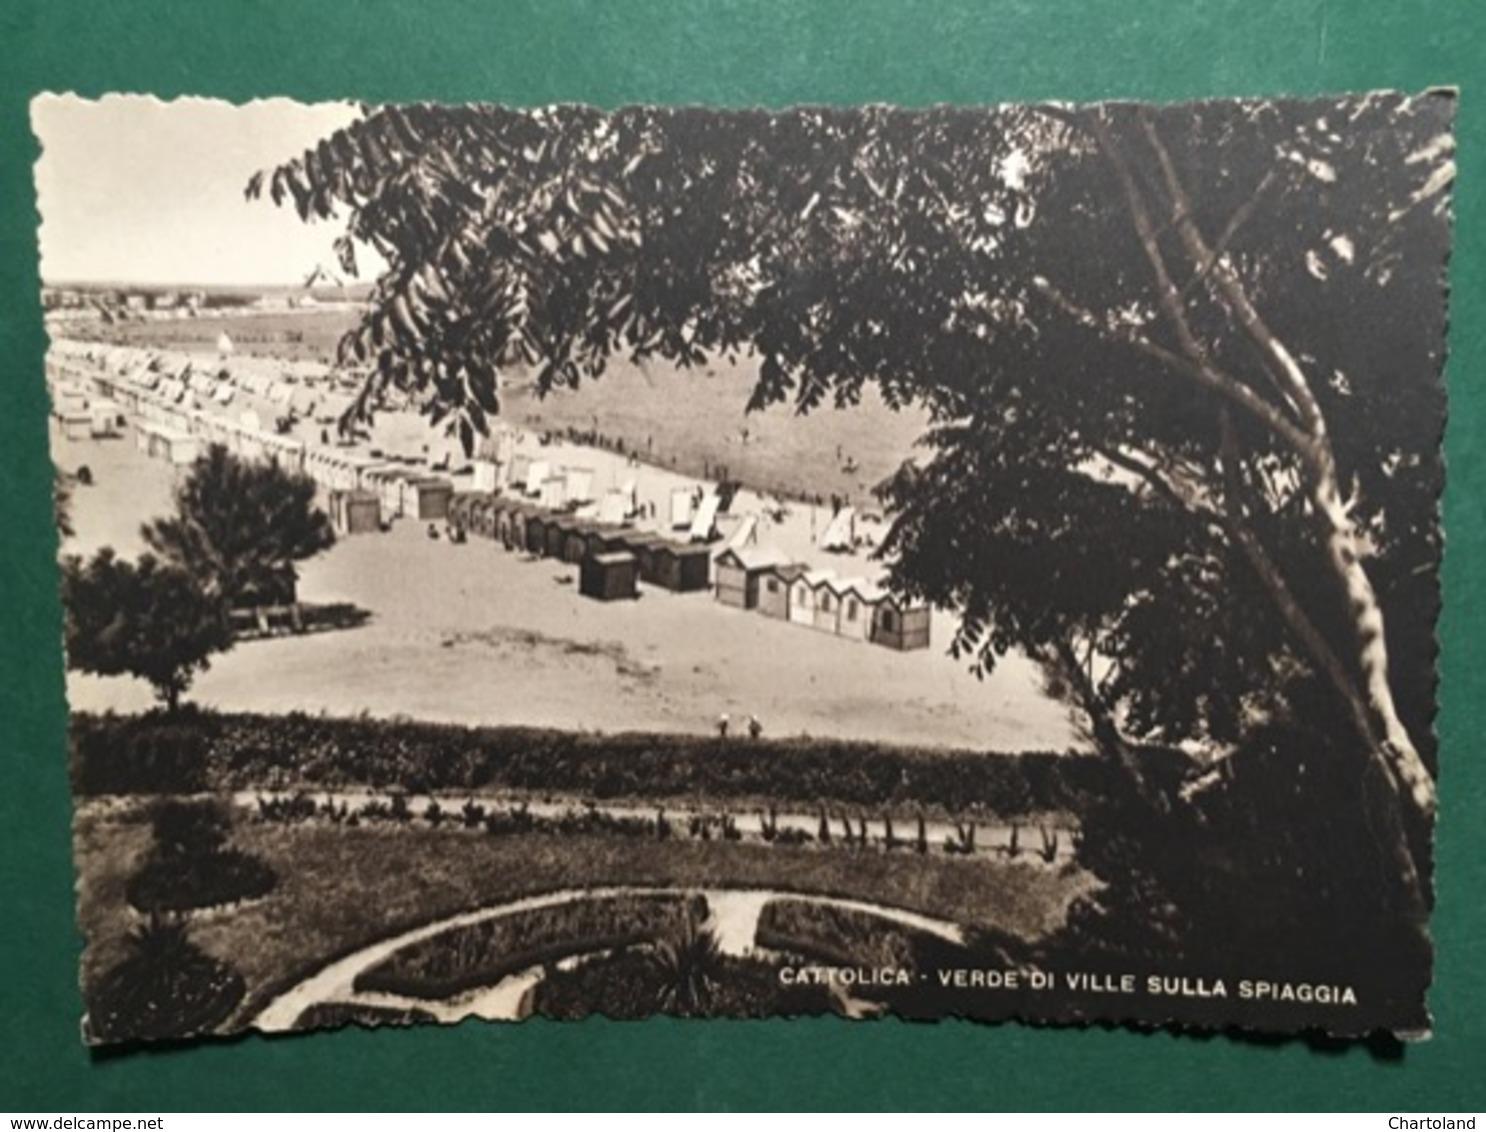 Cartolina Cattolica - Verde Di Ville Sulla Spiaggia - 1952 - Rimini